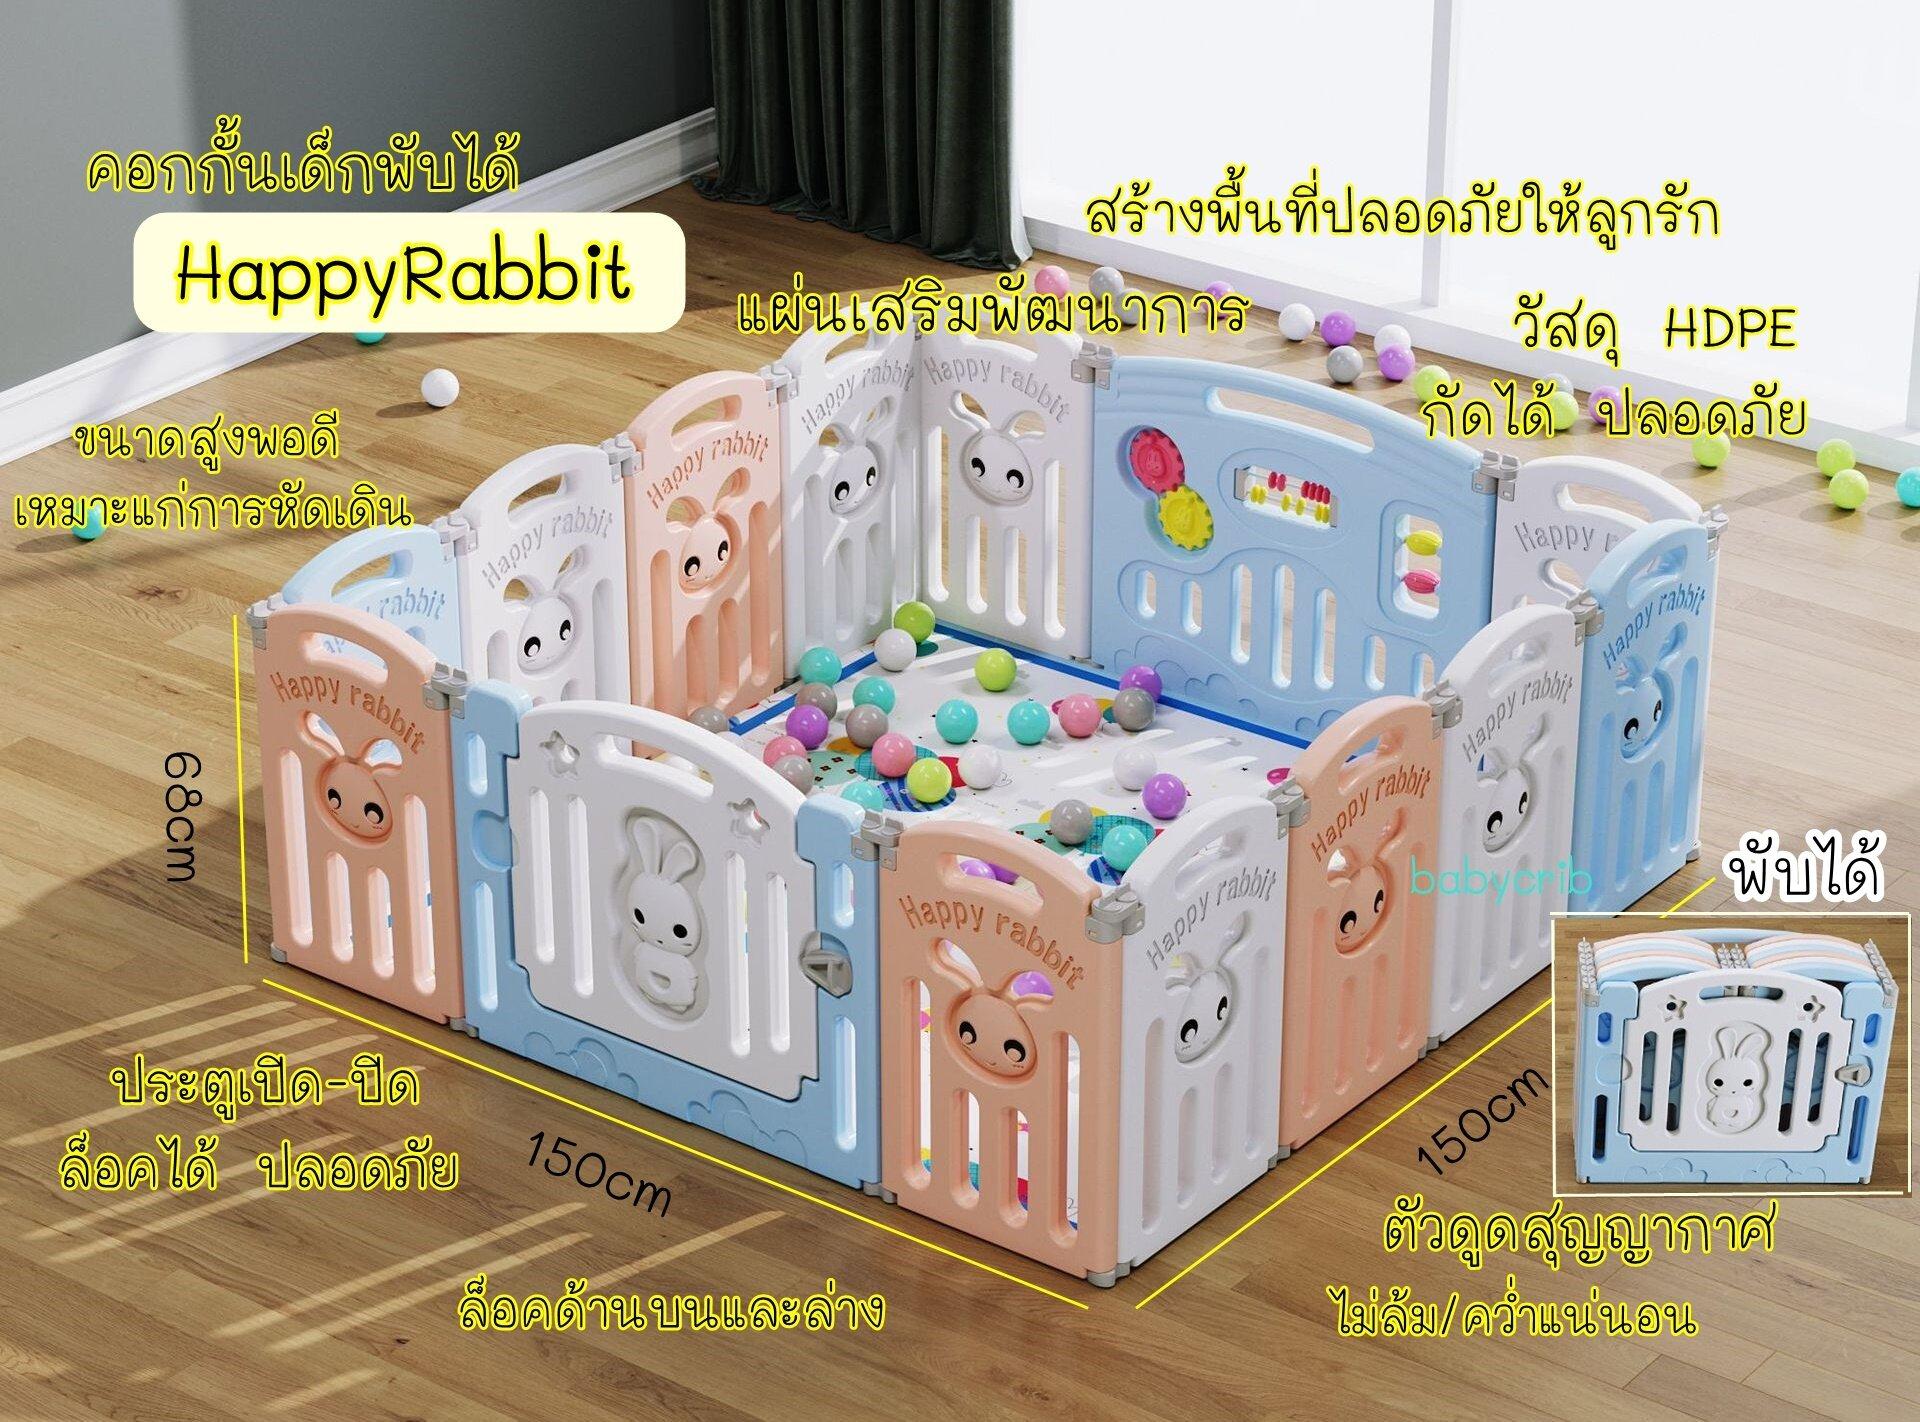 ส่งฟรี คอกกั้นเด็กพับได้ HappyRabbit ปีนไม่คว่ำ วัสดุHDPEกัดได้ ปลอดภัย สูง68ซม มีประตูเปิด-ปิด มีแผ่นเสริมพัฒนาการ สร้างพื้นที่ปลอดภัยให้ลูกก